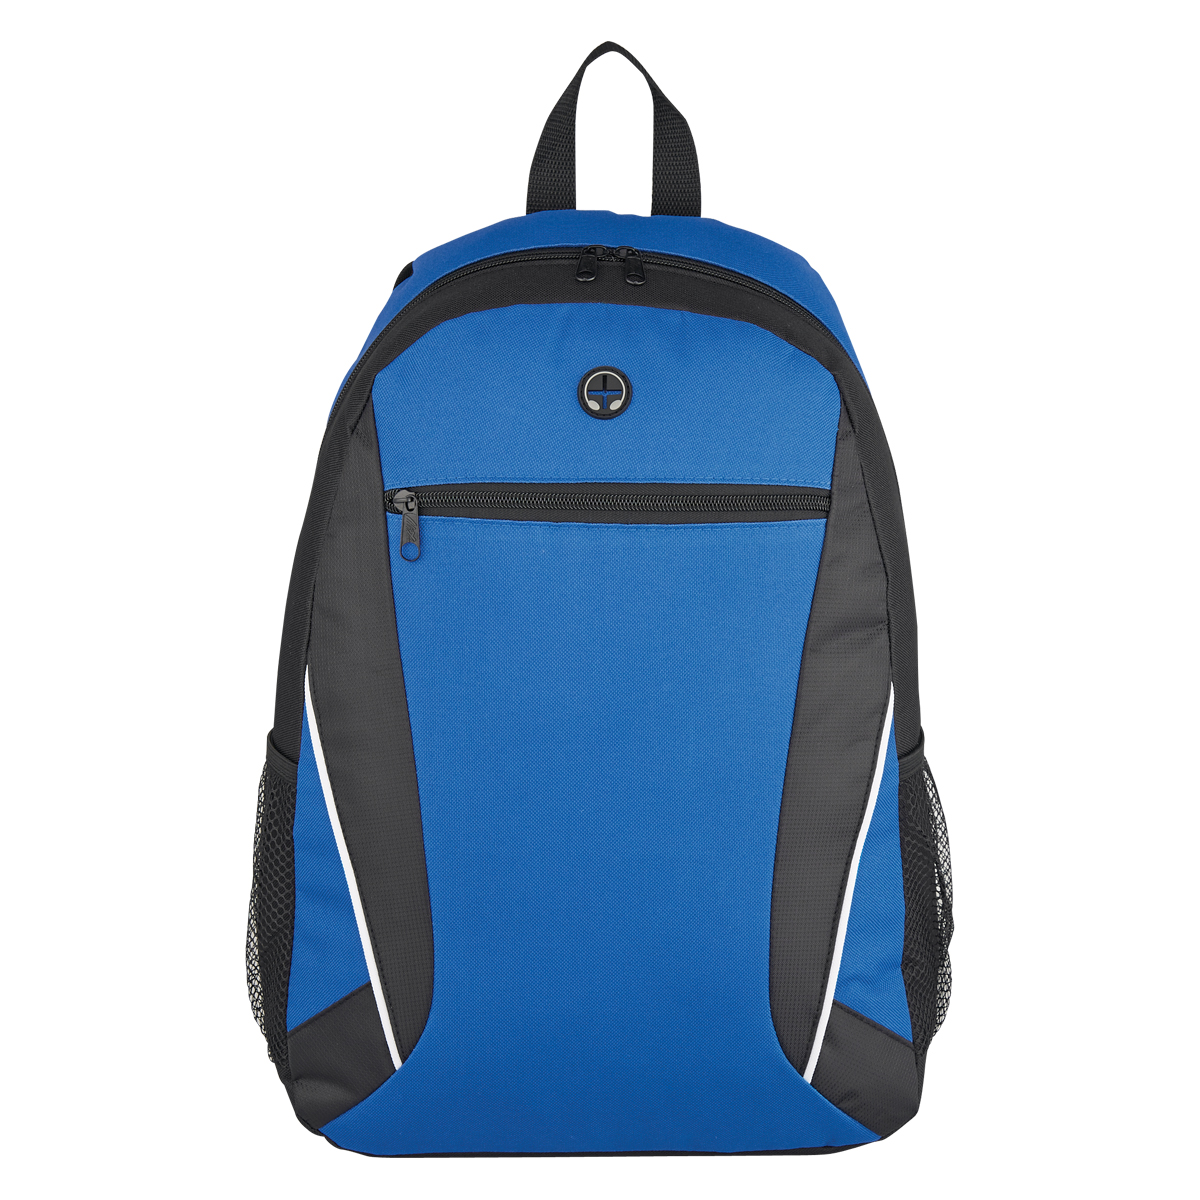 3424 - Backpack deportiva